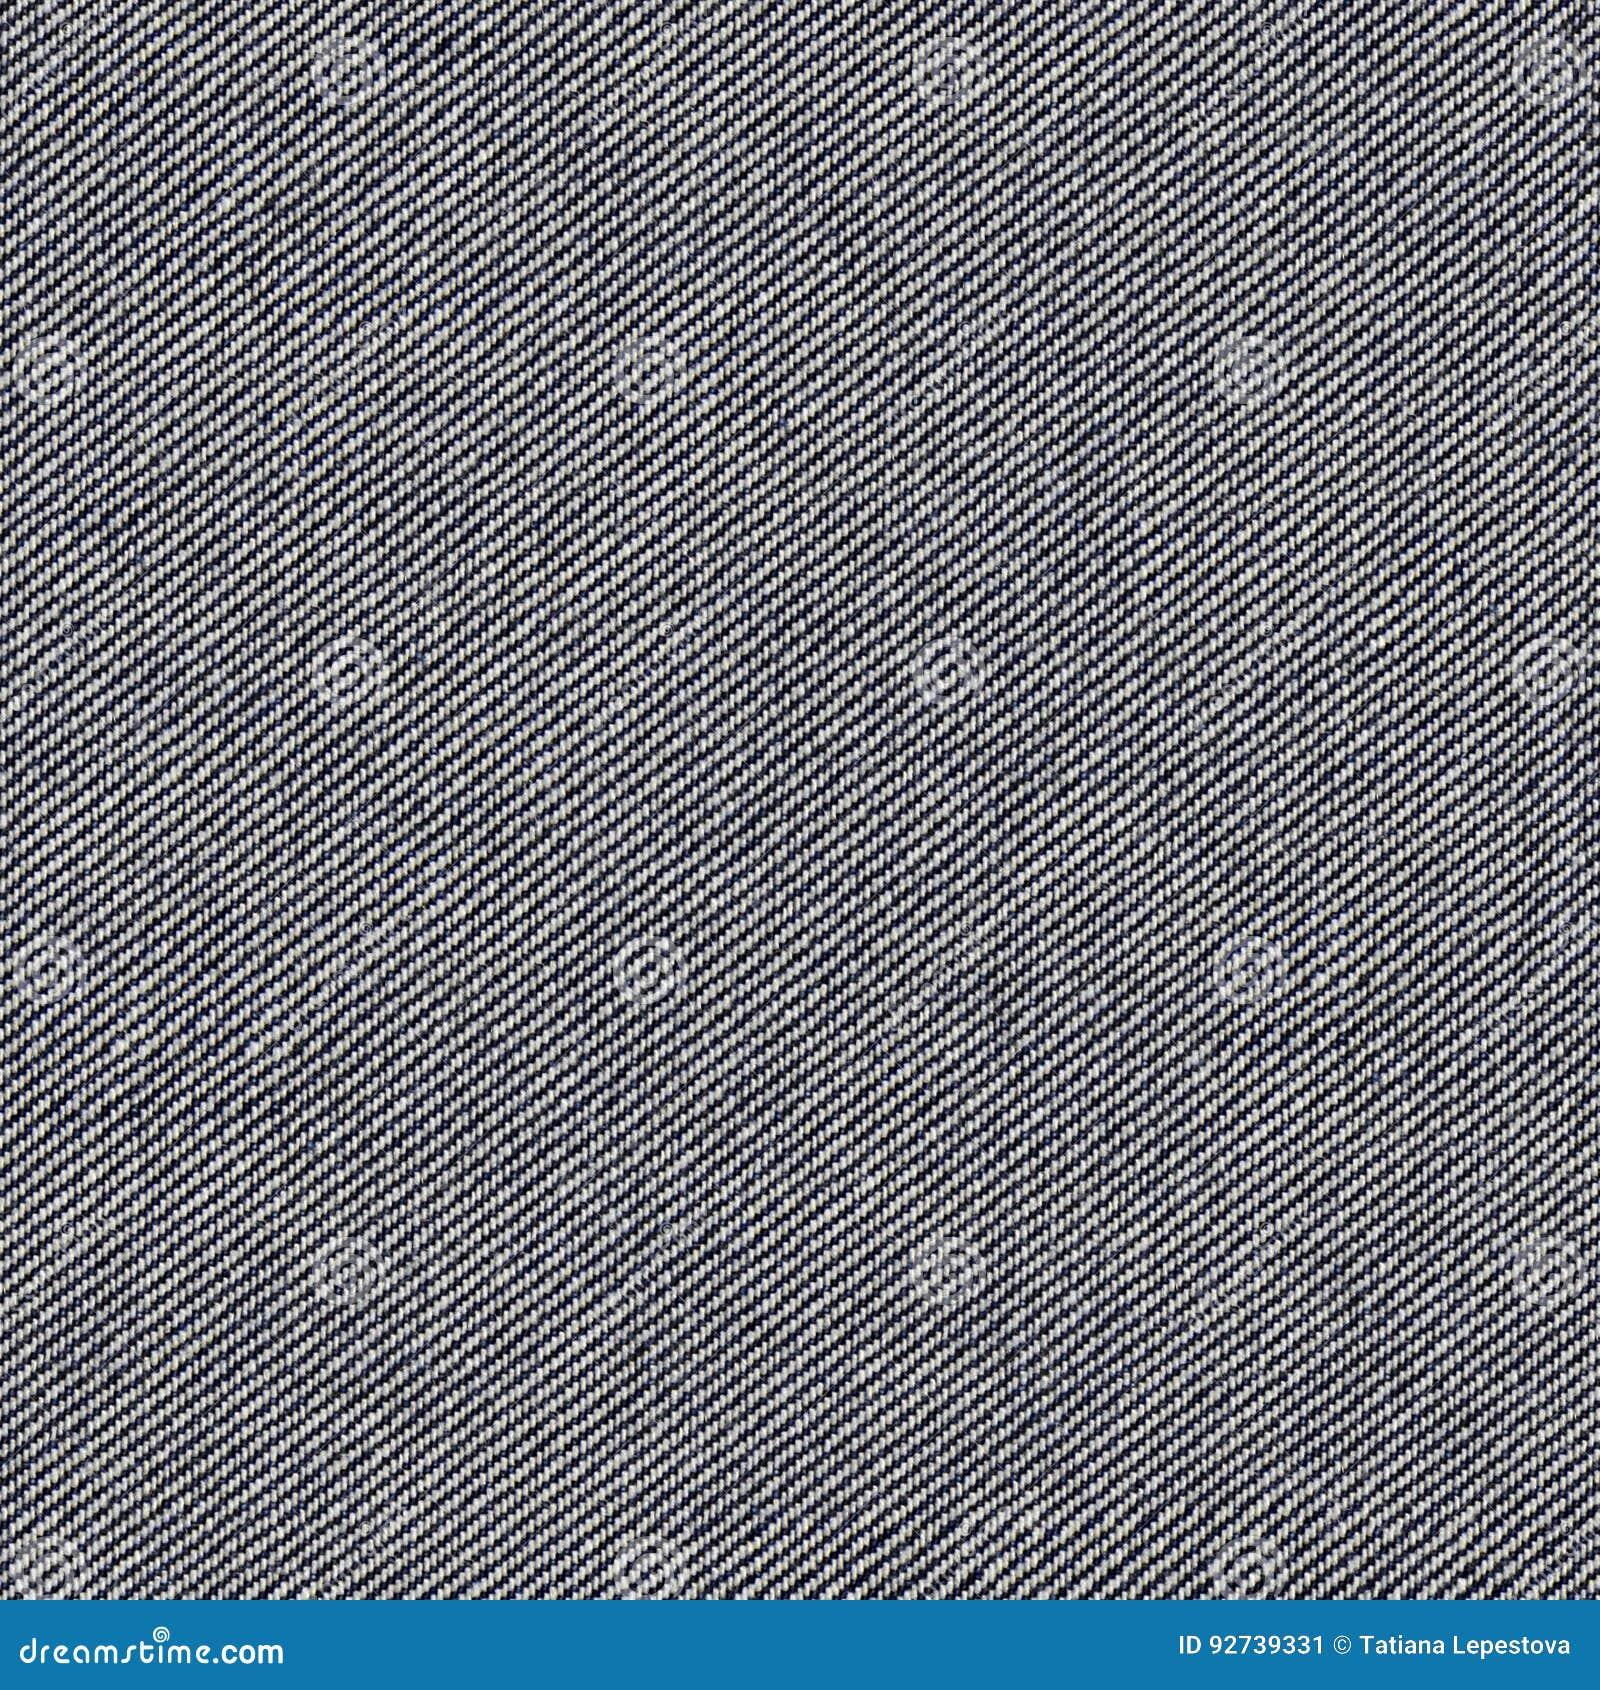 Tkaniny tekstury 4 rozproszona bezszwowa mapa dżinsy materialne